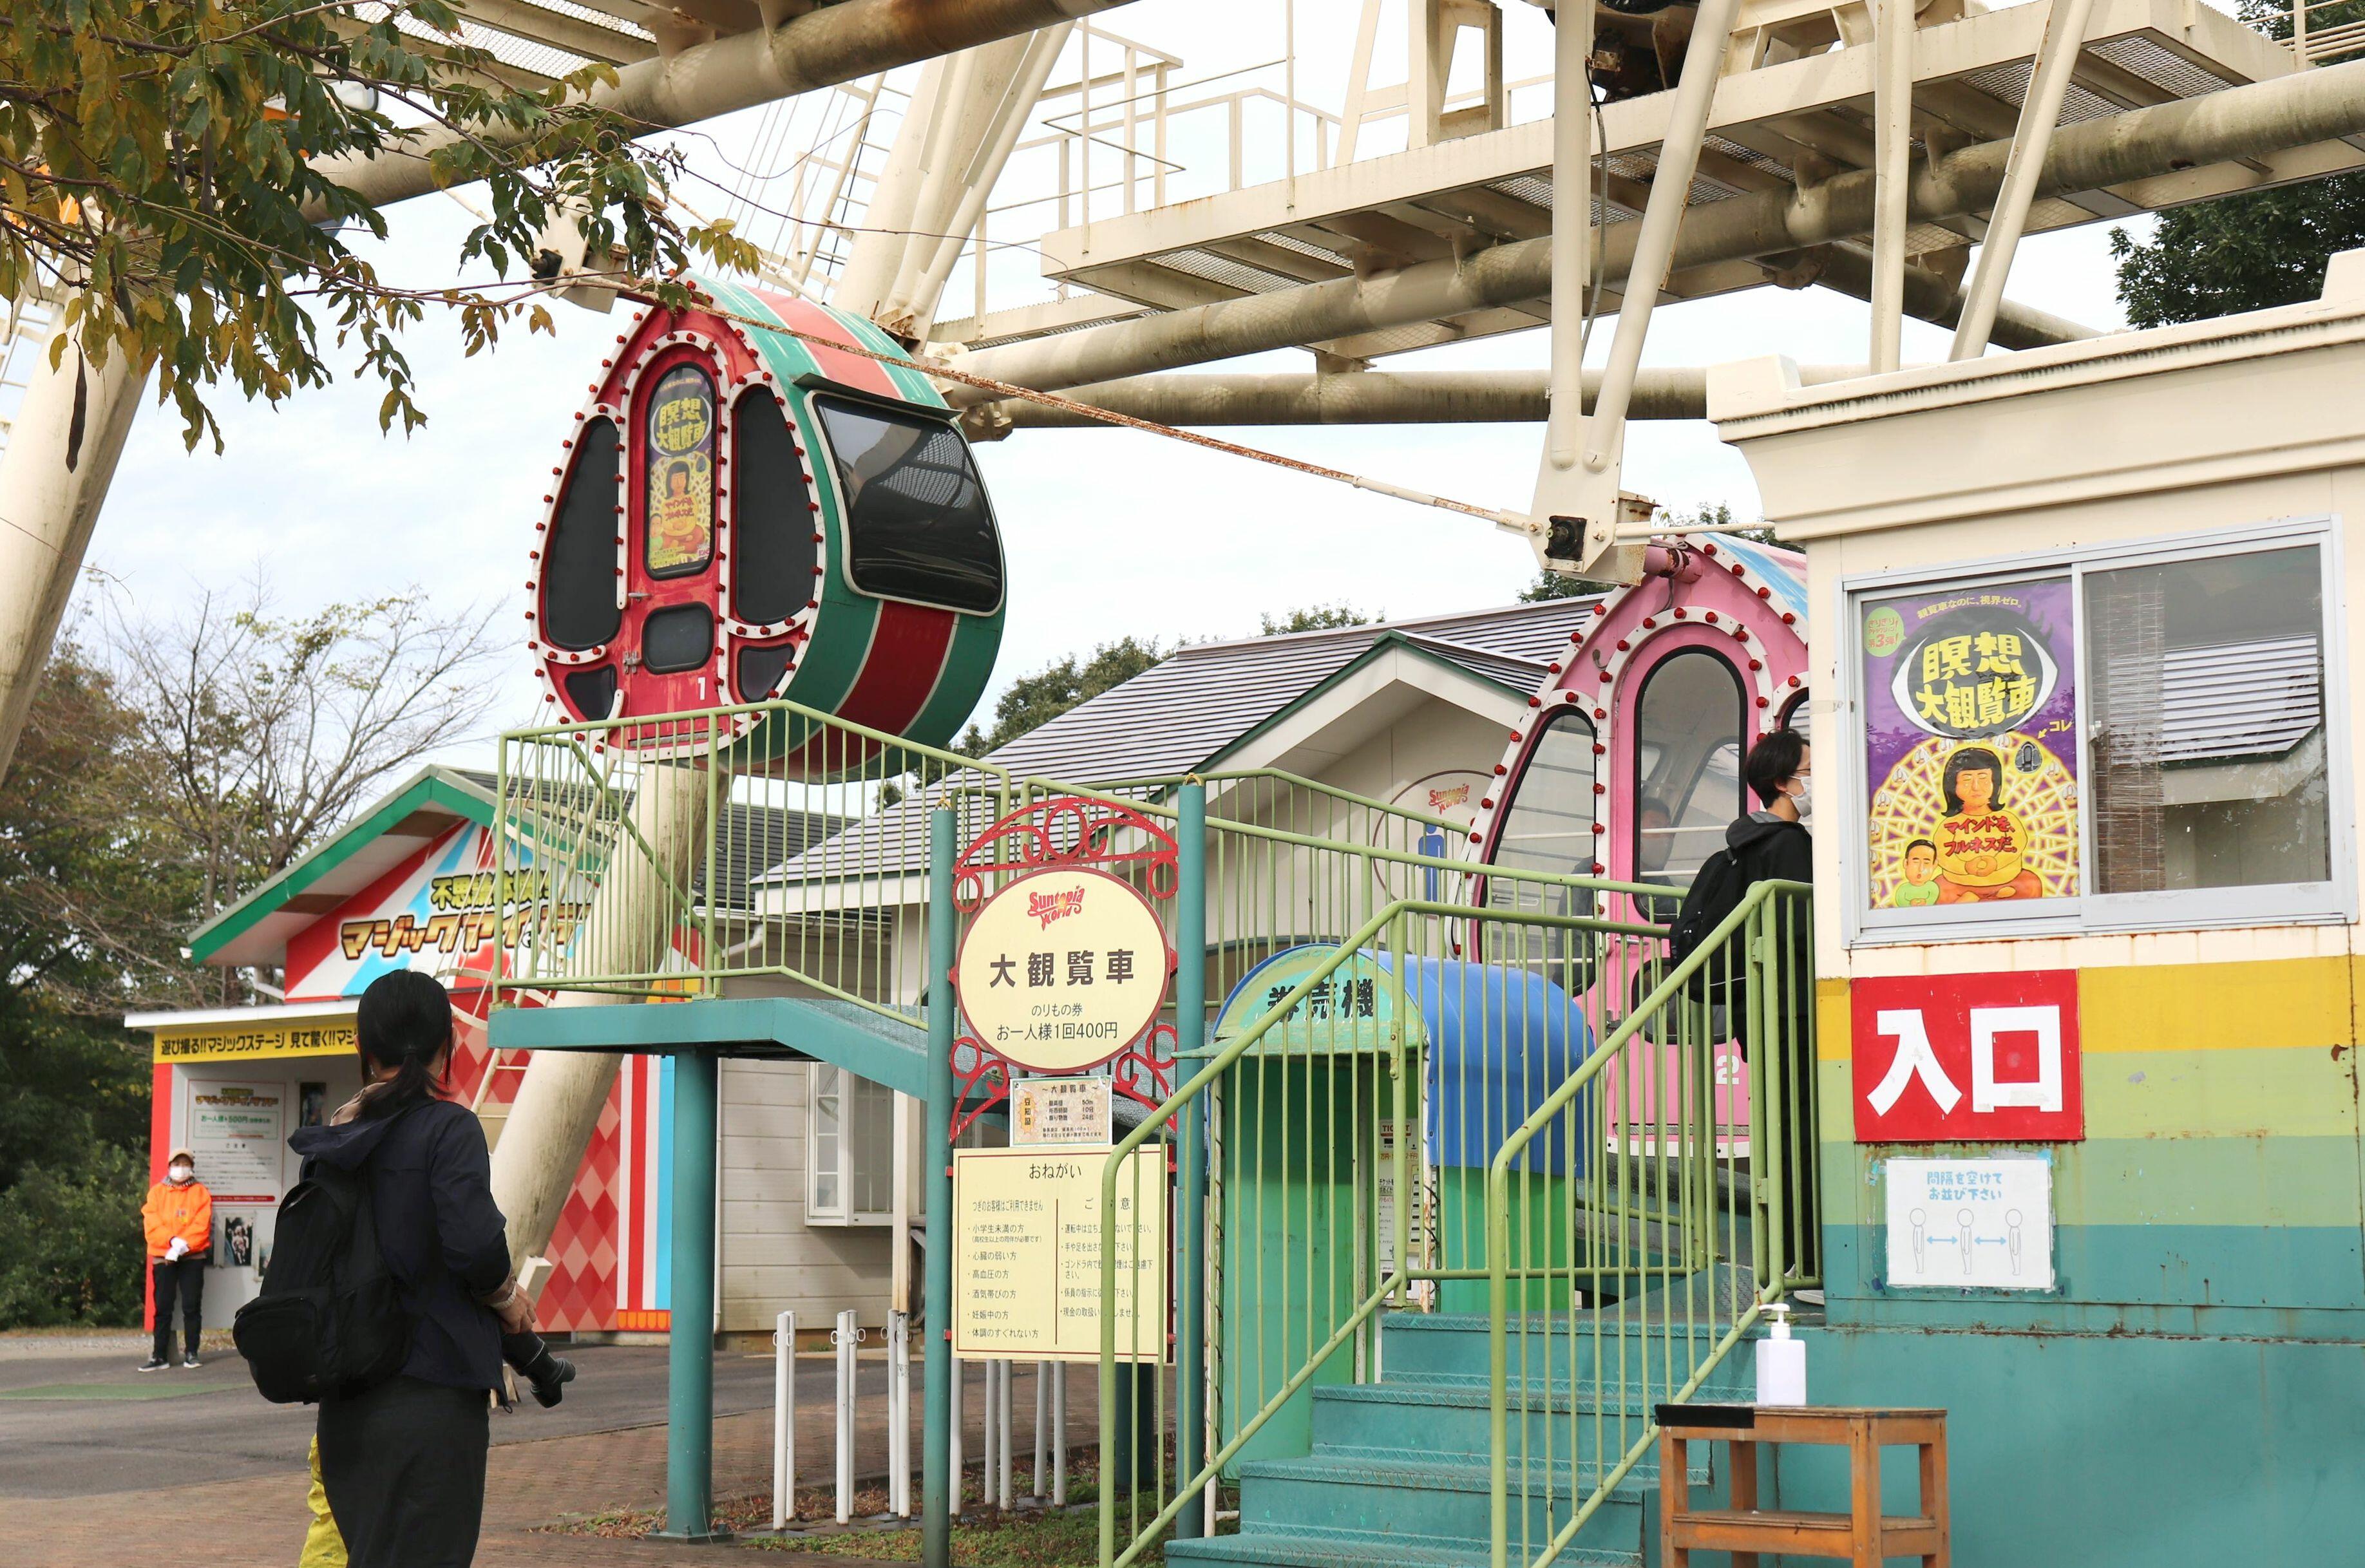 景色は一切見えない「瞑想大観覧車」。自分と向き合える空間だ=阿賀野市久保のサントピアワールド